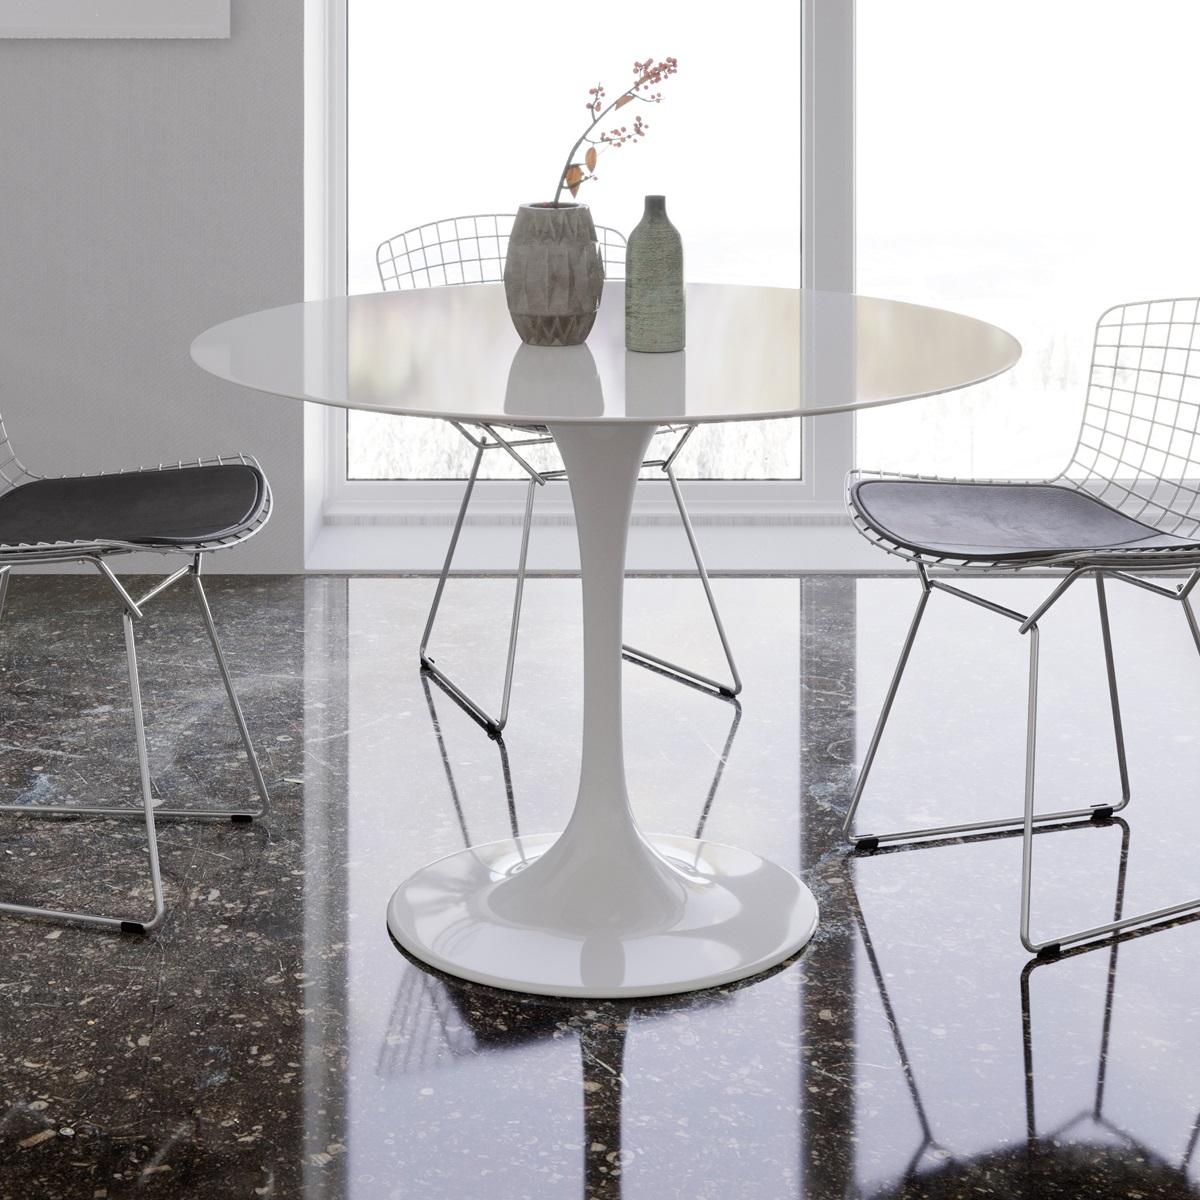 Saarinen Tulip Round Dining Table - Saarinen table top only